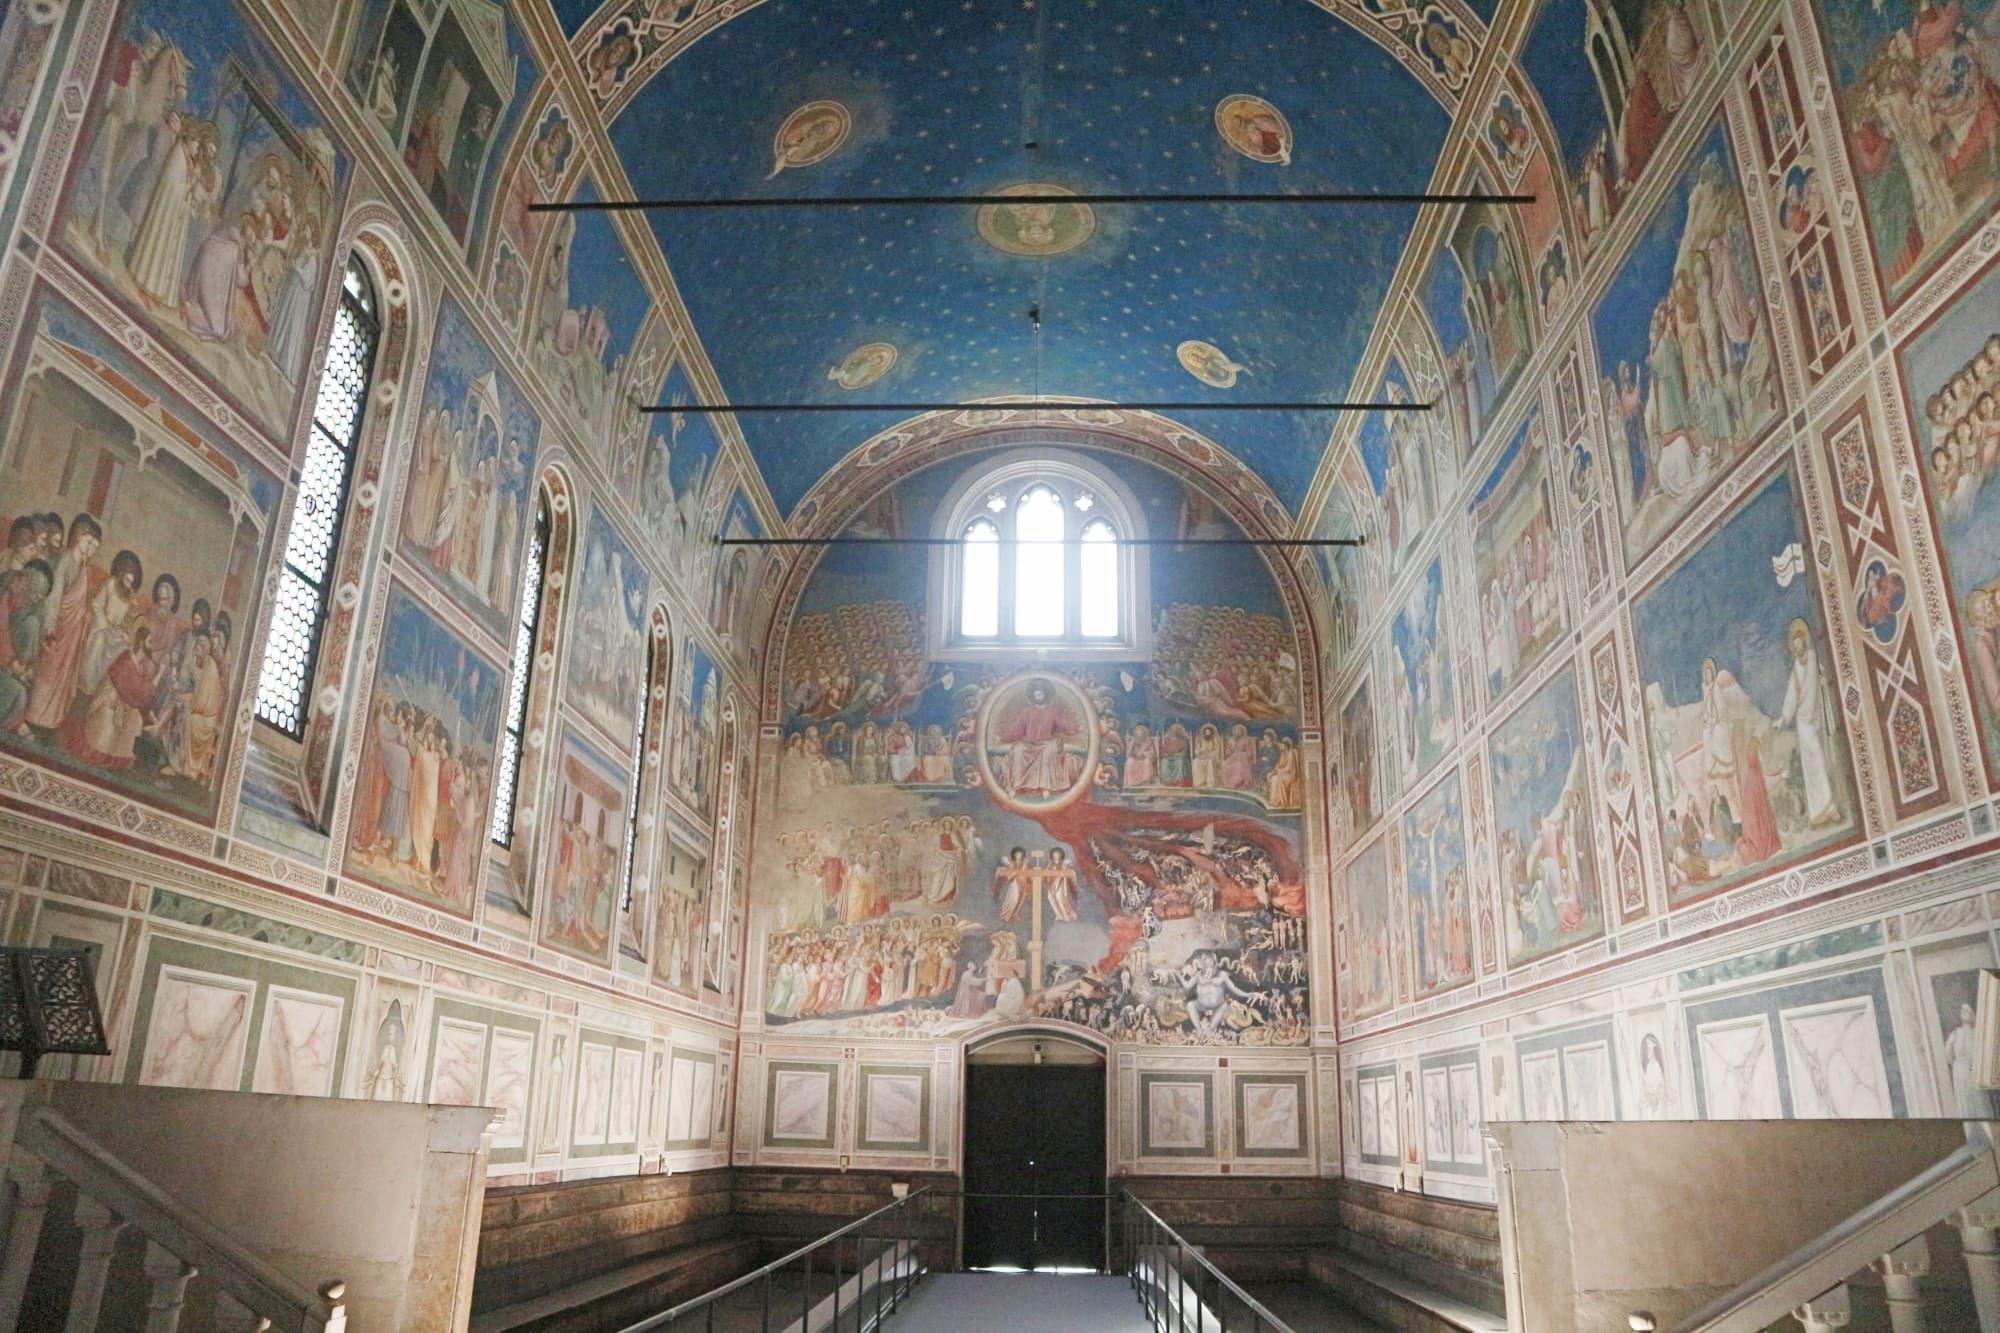 2021年新たに世界遺産になった1スクロヴェーニ礼拝堂